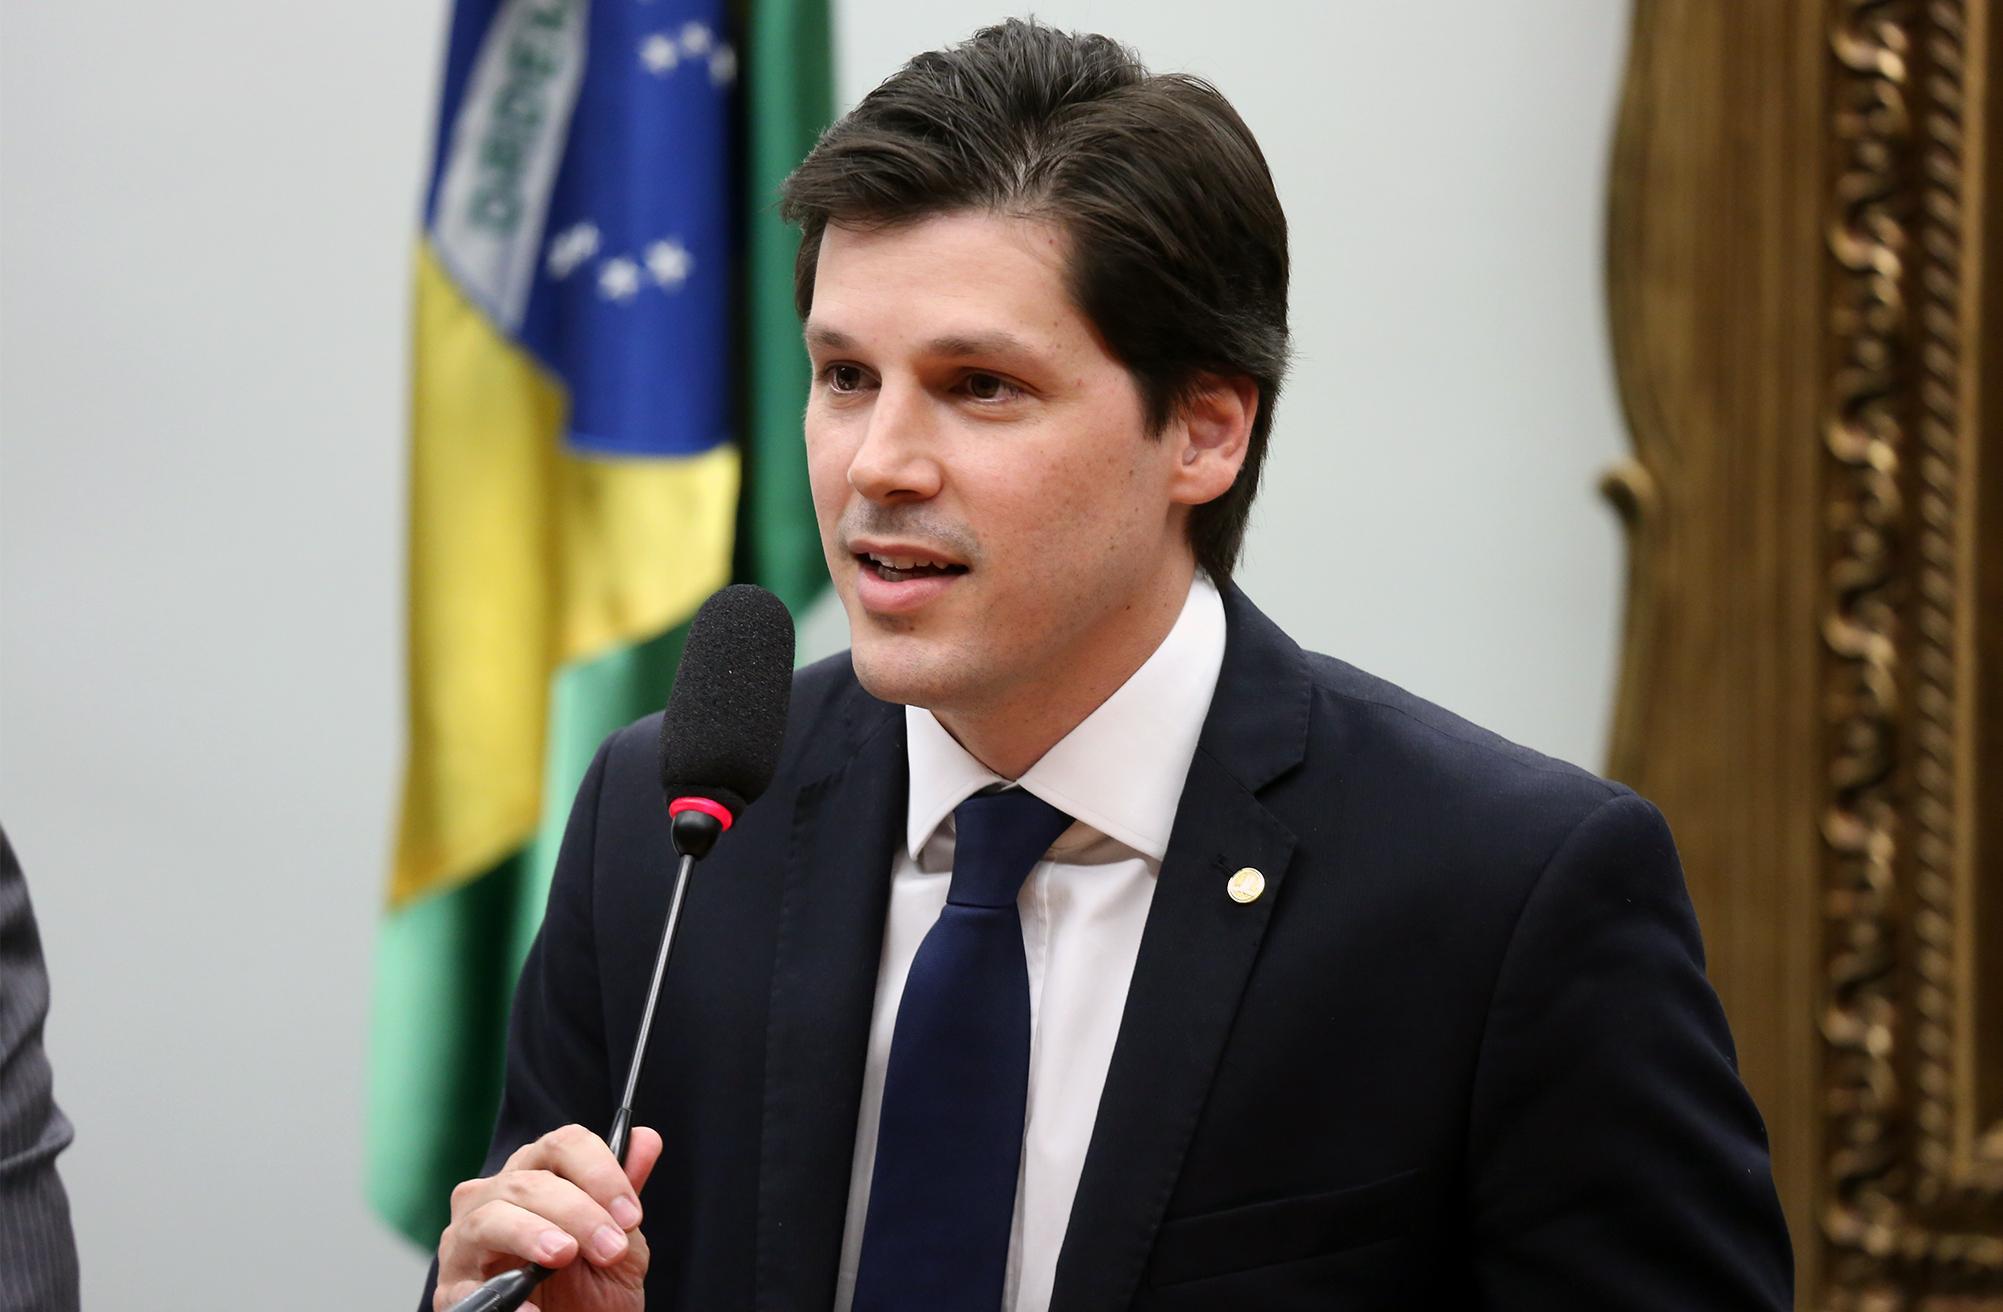 Instalação dos trabalhos e eleição dos Presidentes e Vice-Presidentes. Presidente eleito dep. Daniel Vilela (PMDB - GO)